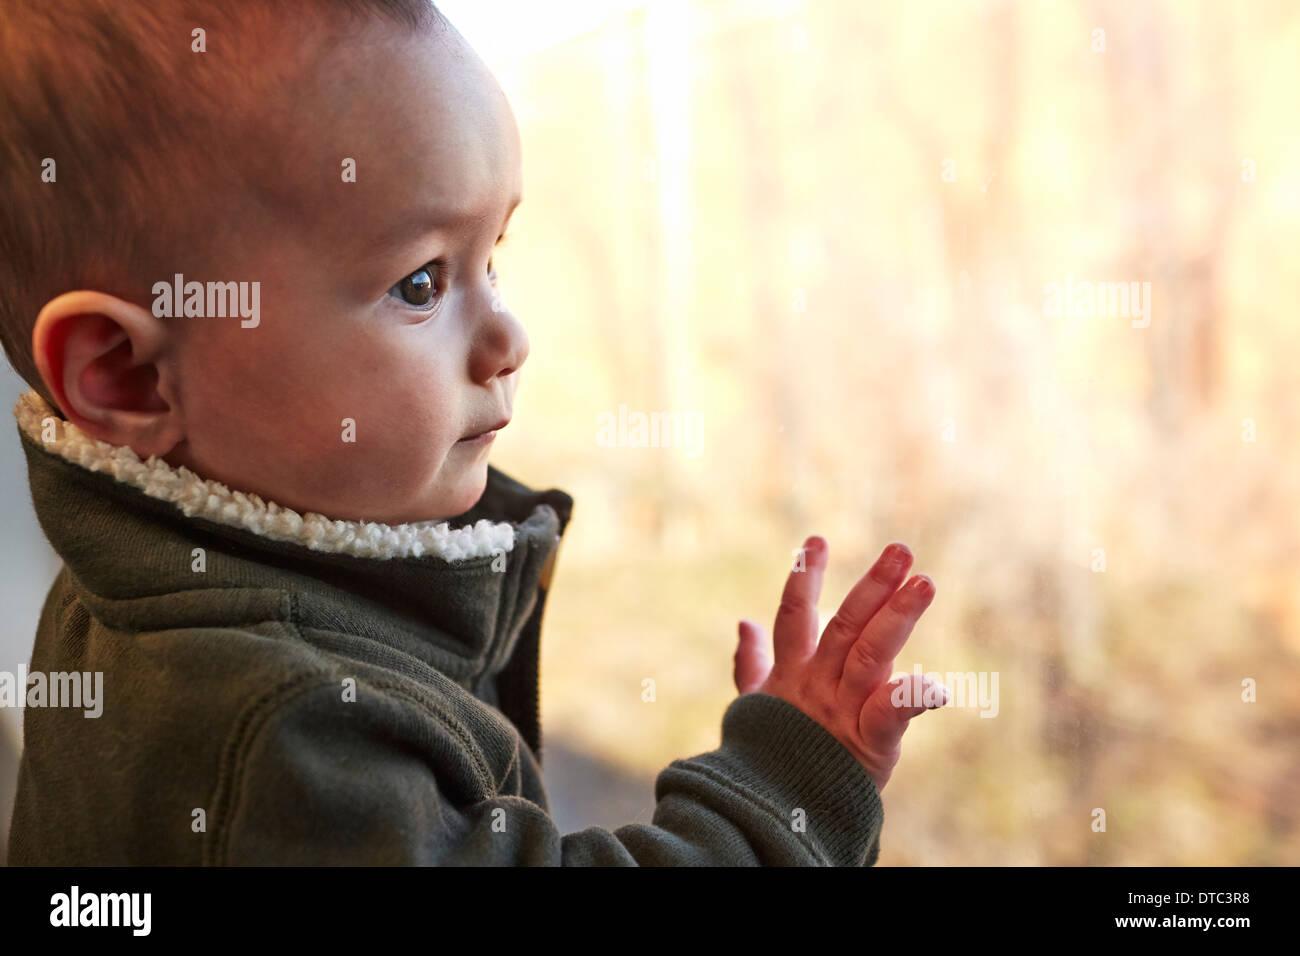 Cerca de Baby Boy mirando afuera de la ventana Imagen De Stock